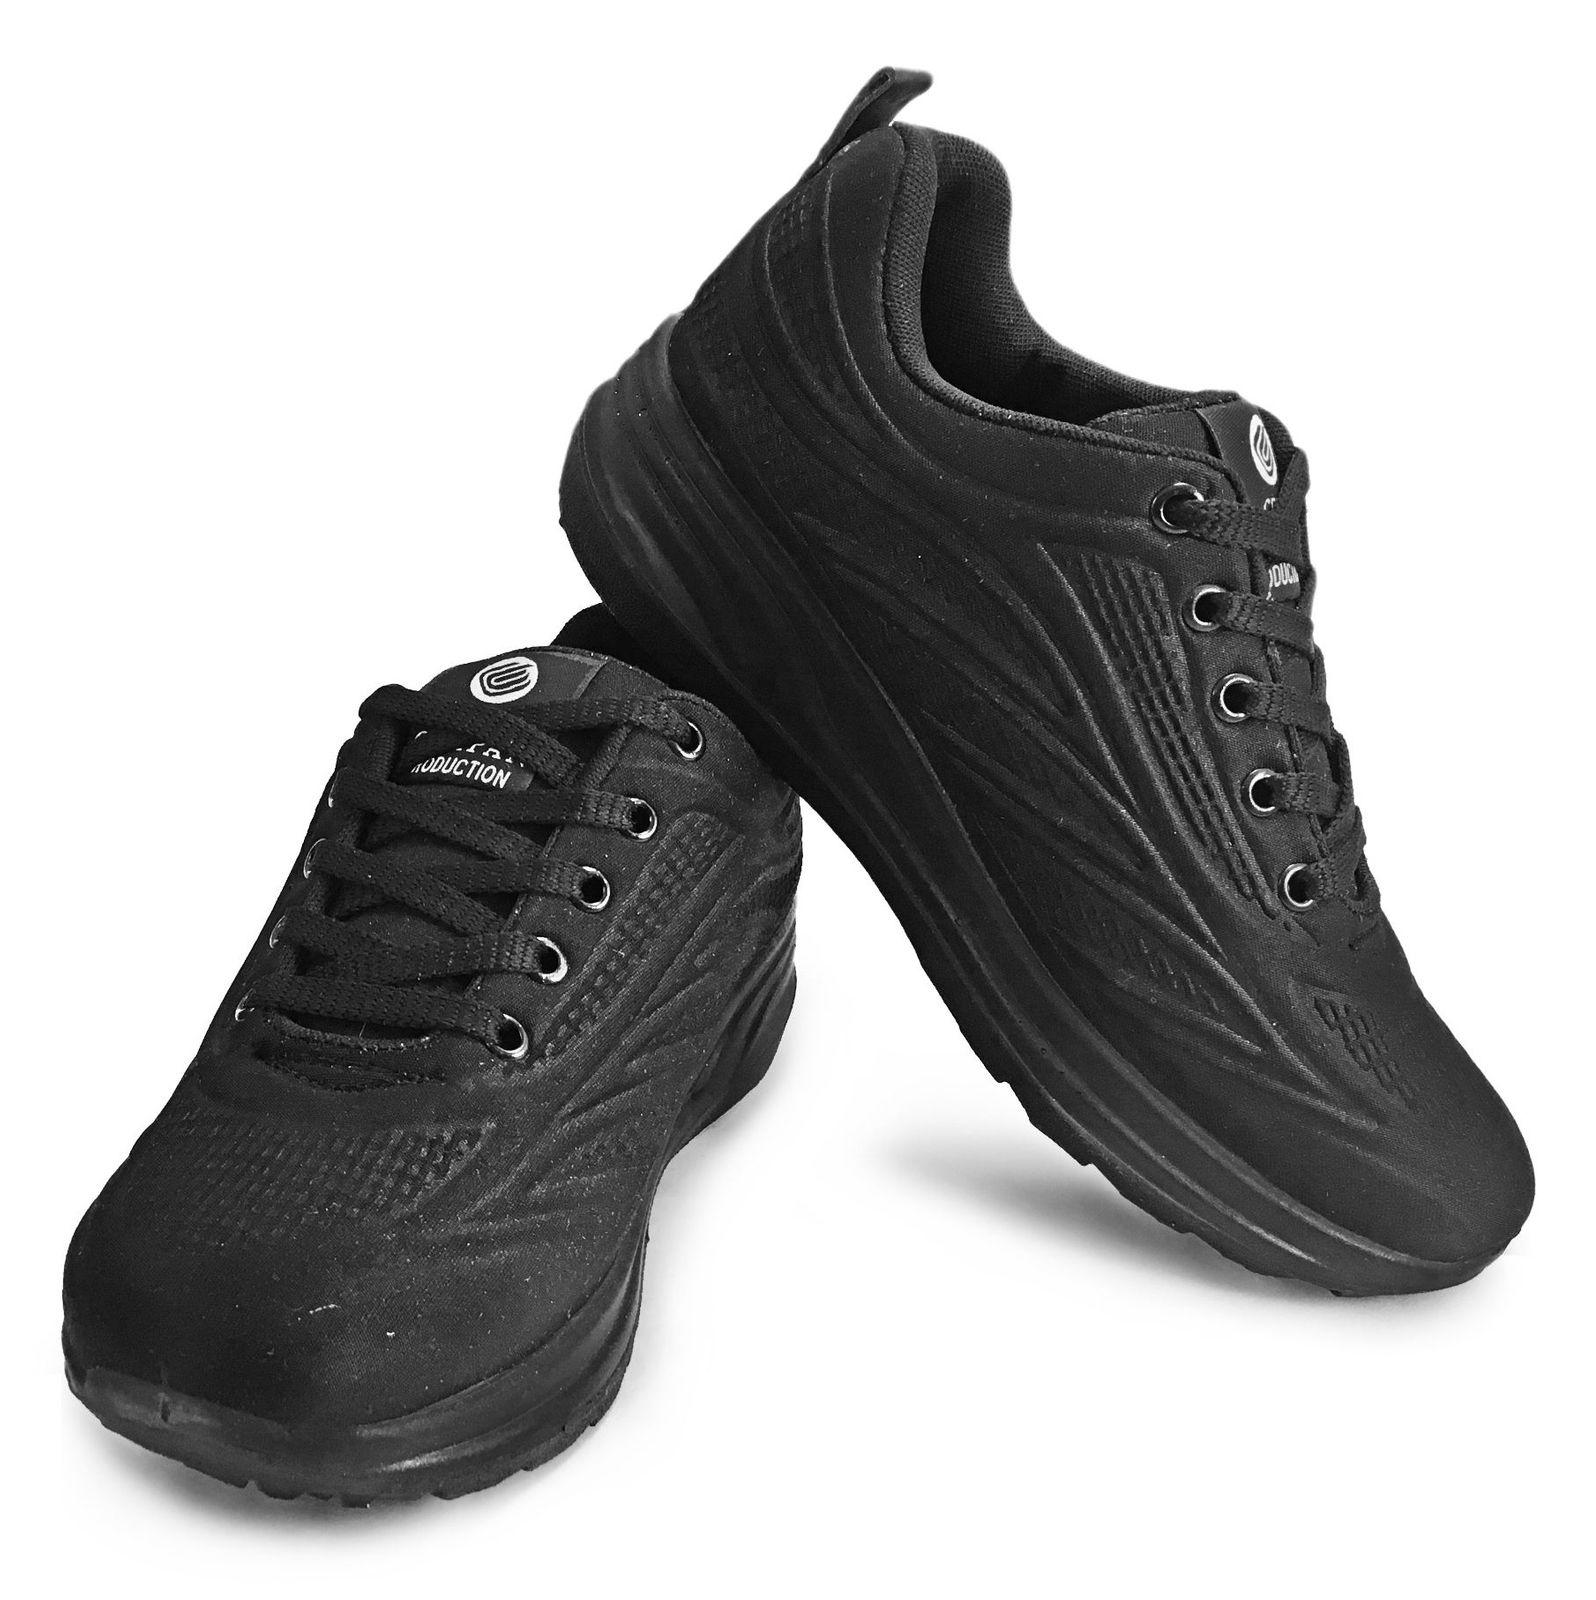 کفش مخصوص پیاده روی زنانه مدل چپان کد 3693 main 1 3